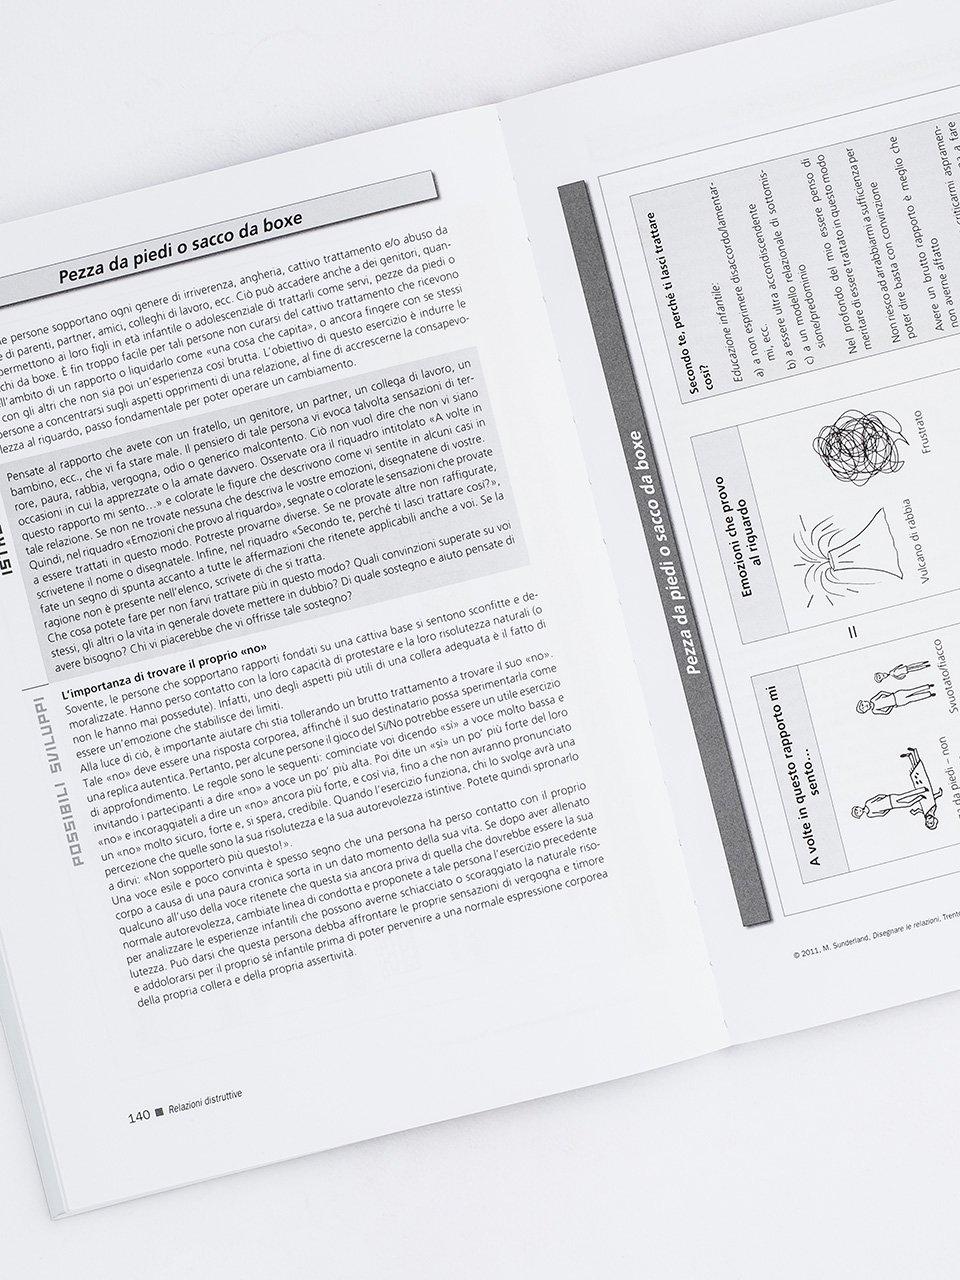 Disegnare le relazioni - Libri - Erickson 2